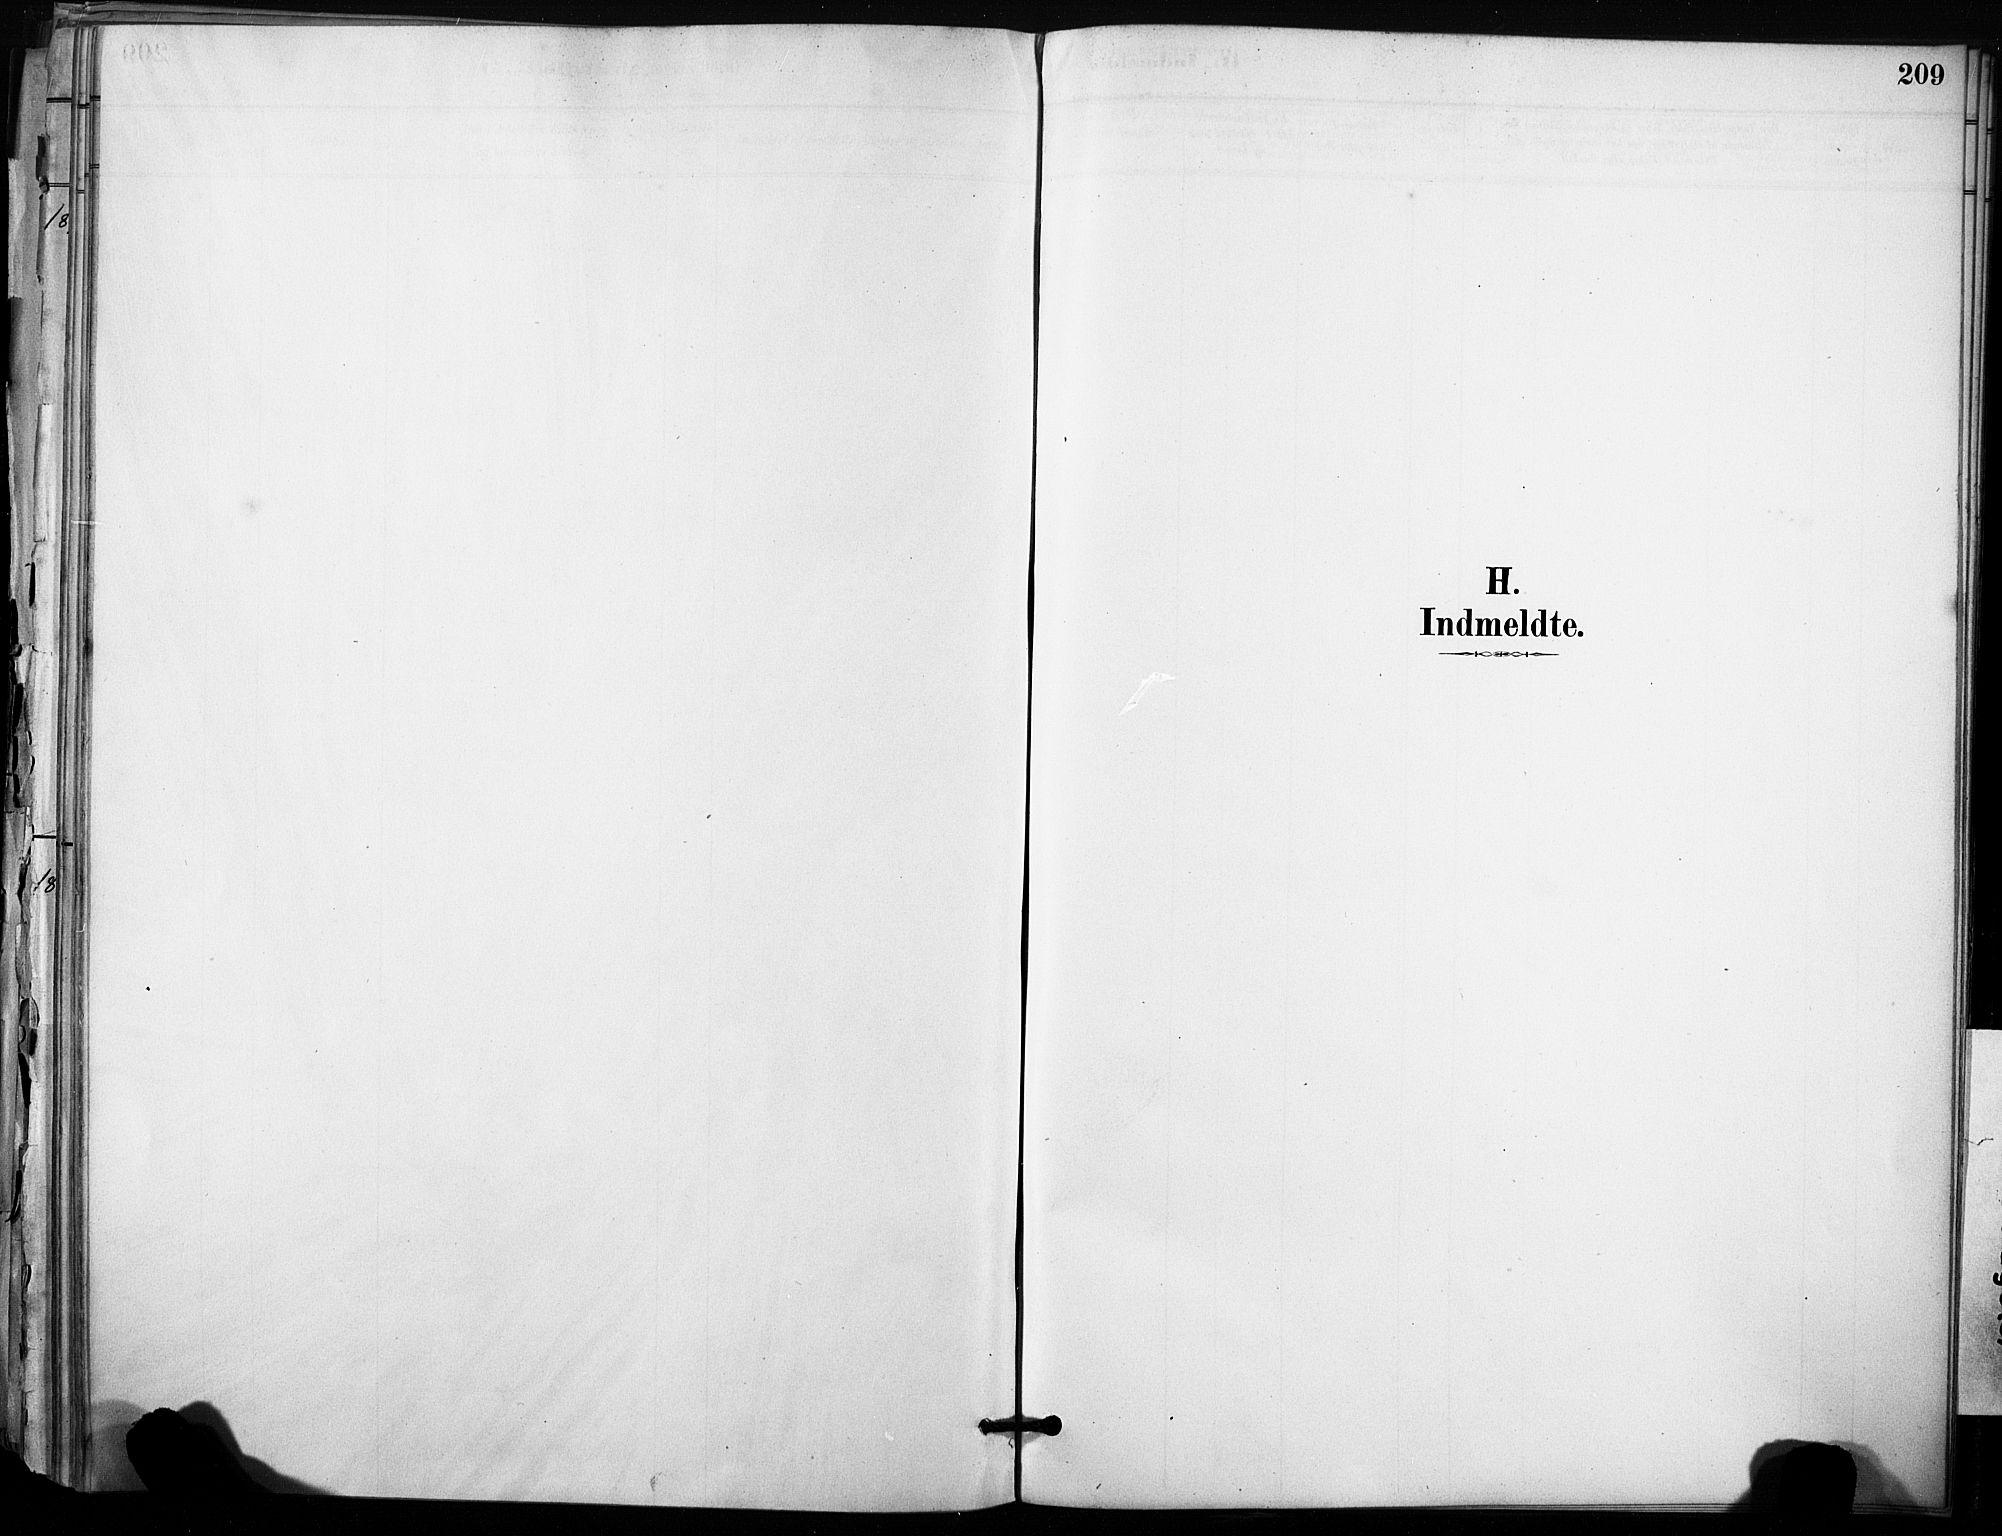 SAT, Ministerialprotokoller, klokkerbøker og fødselsregistre - Sør-Trøndelag, 633/L0518: Ministerialbok nr. 633A01, 1884-1906, s. 209